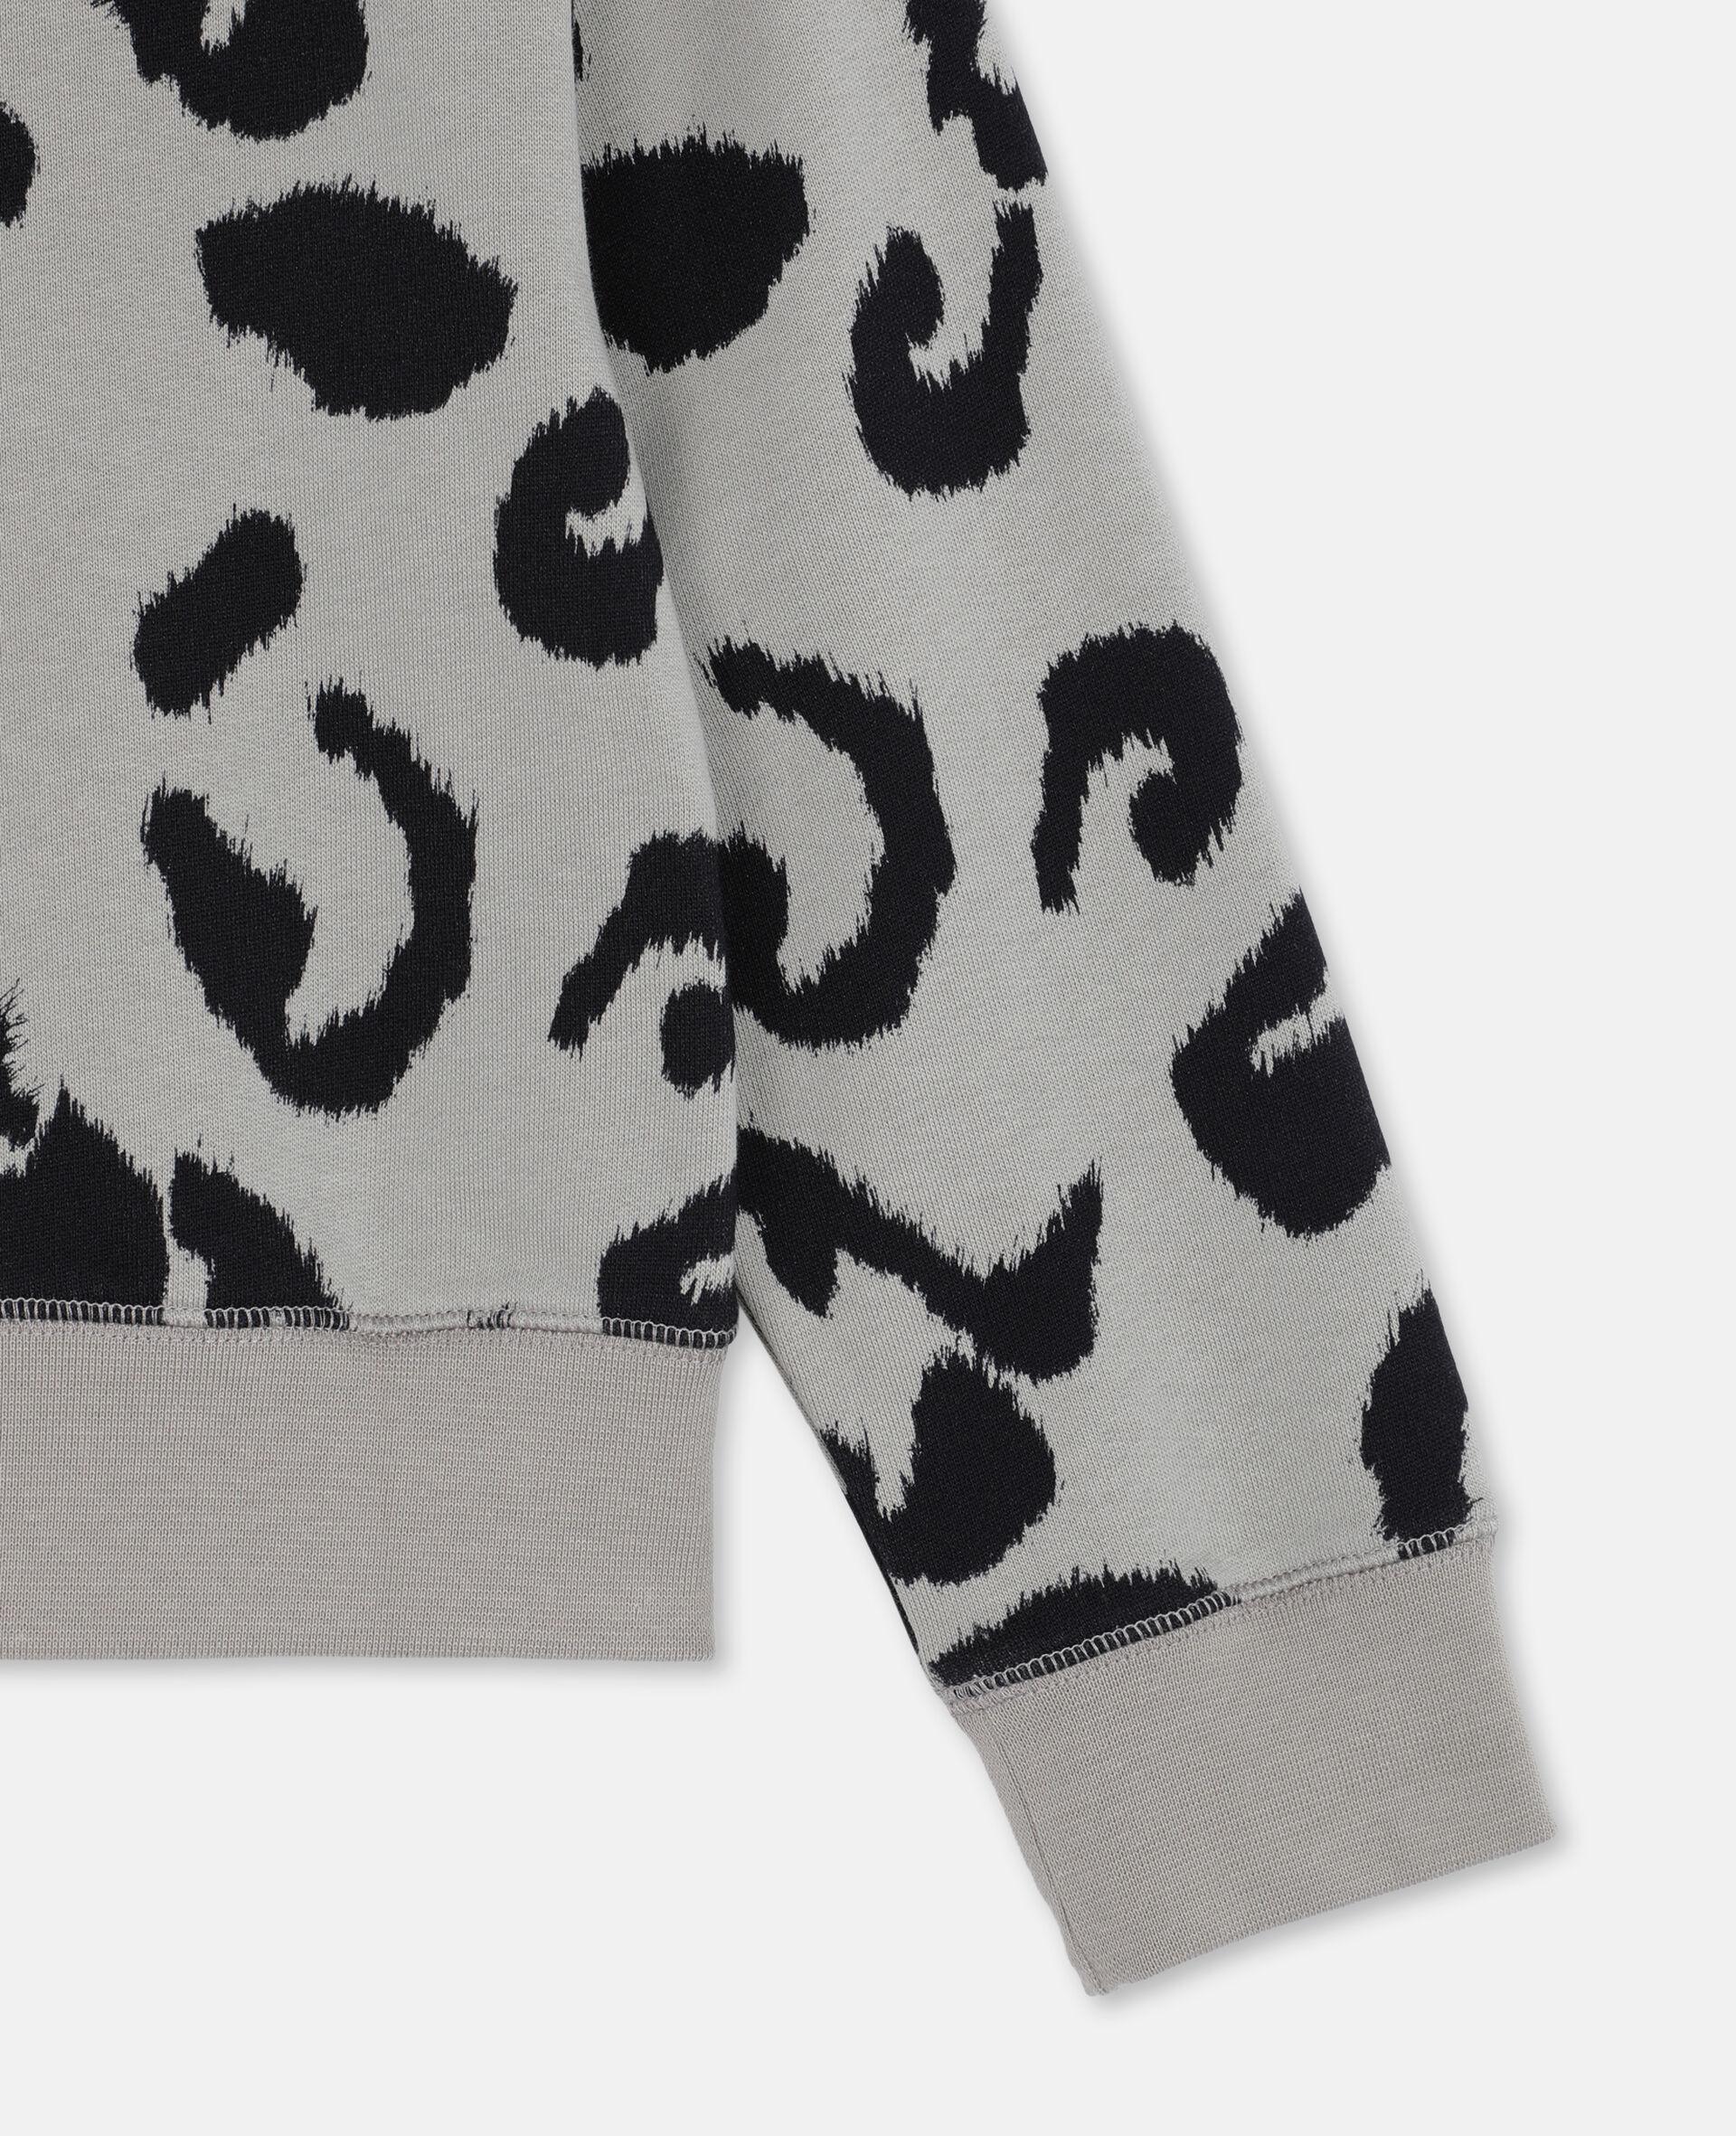 Sweat-shirt en molleton de coton léopard -Fantaisie-large image number 2